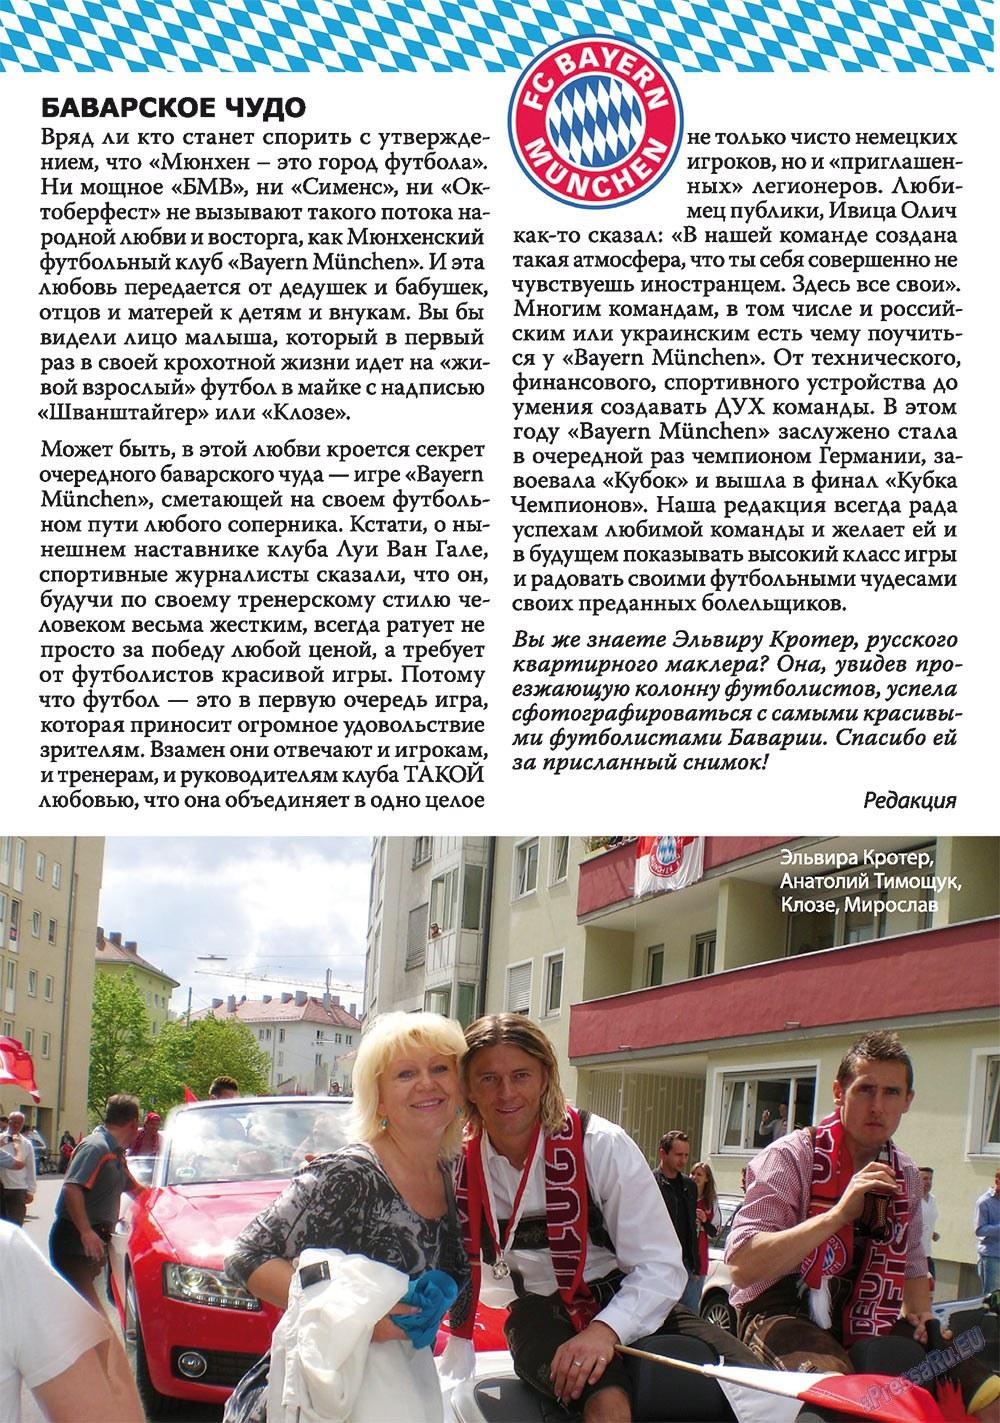 Апельсин (журнал). 2010 год, номер 11, стр. 25